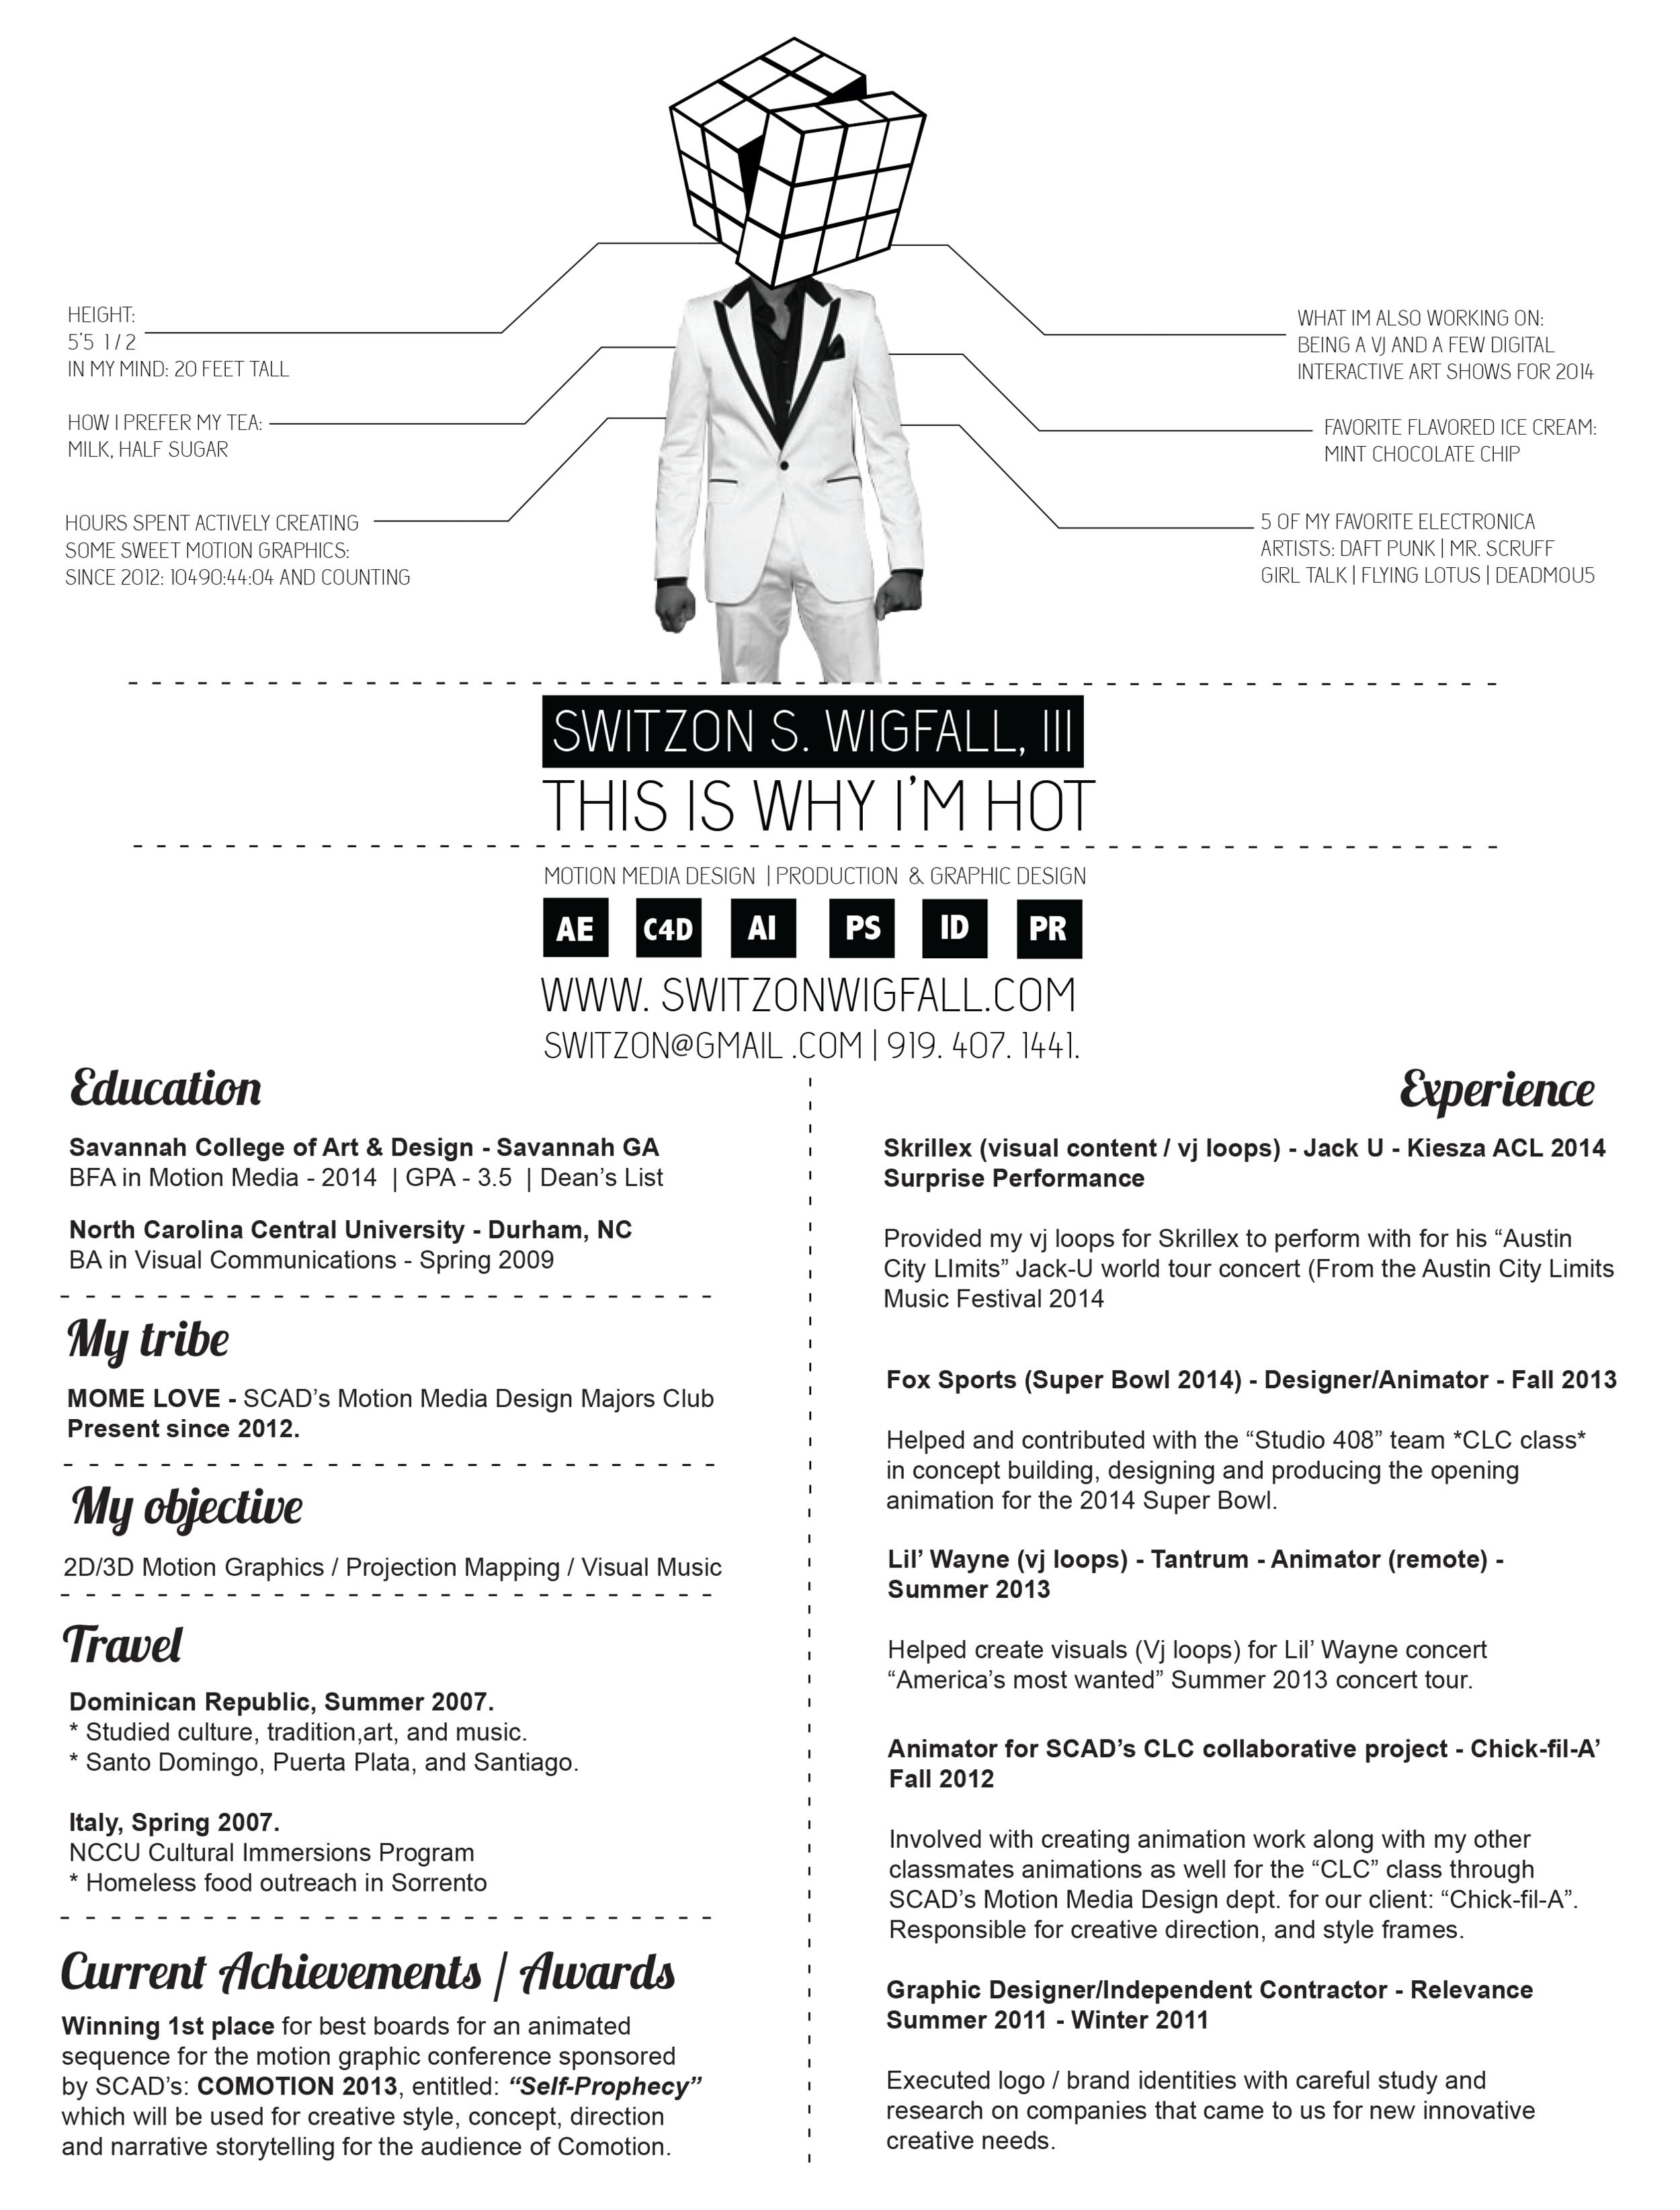 switzon resume 2014.png